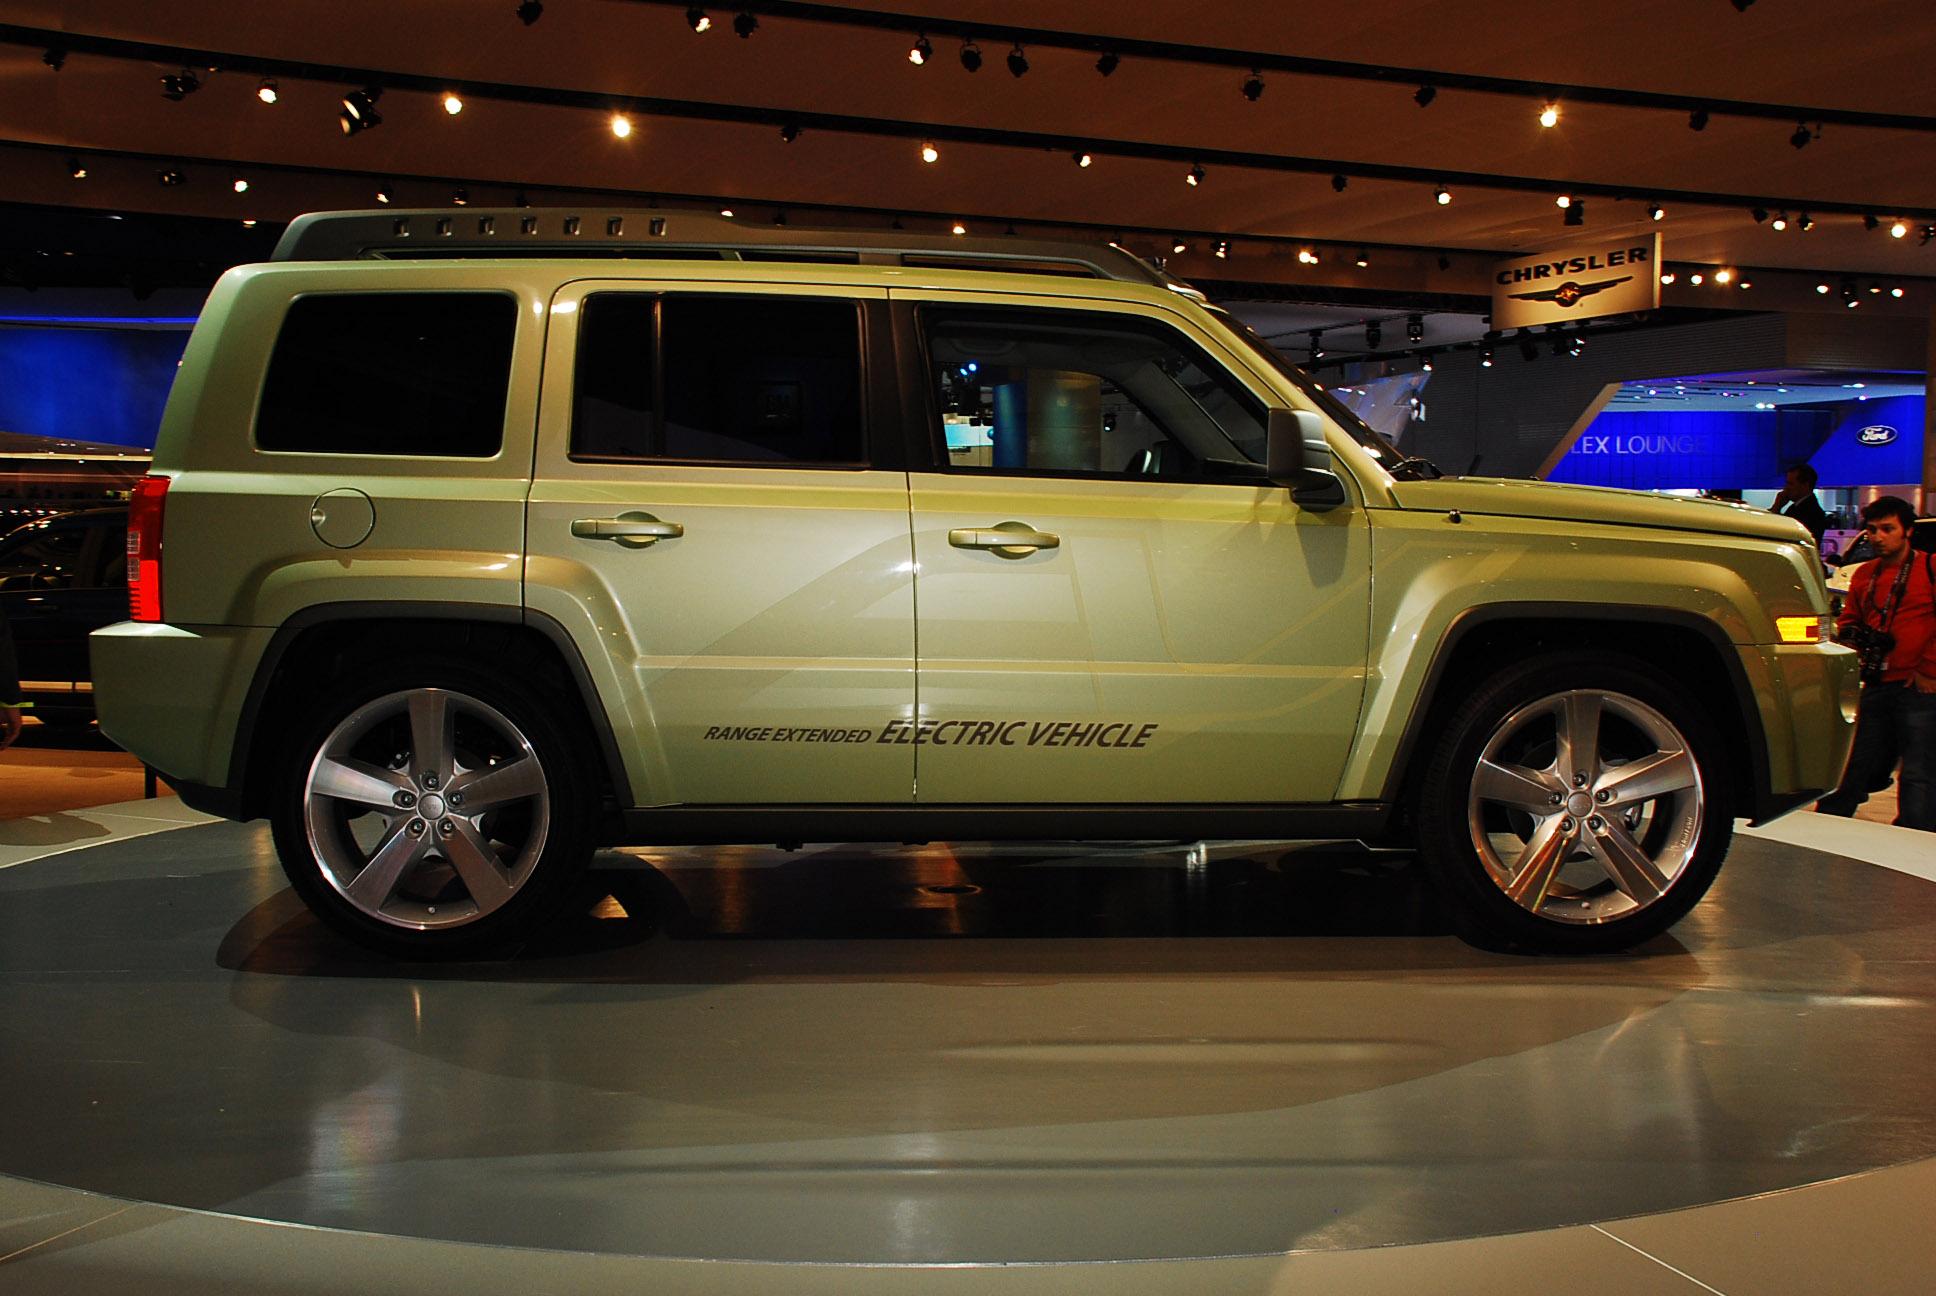 jeep patriot ev detroit 2009 - picture 47956